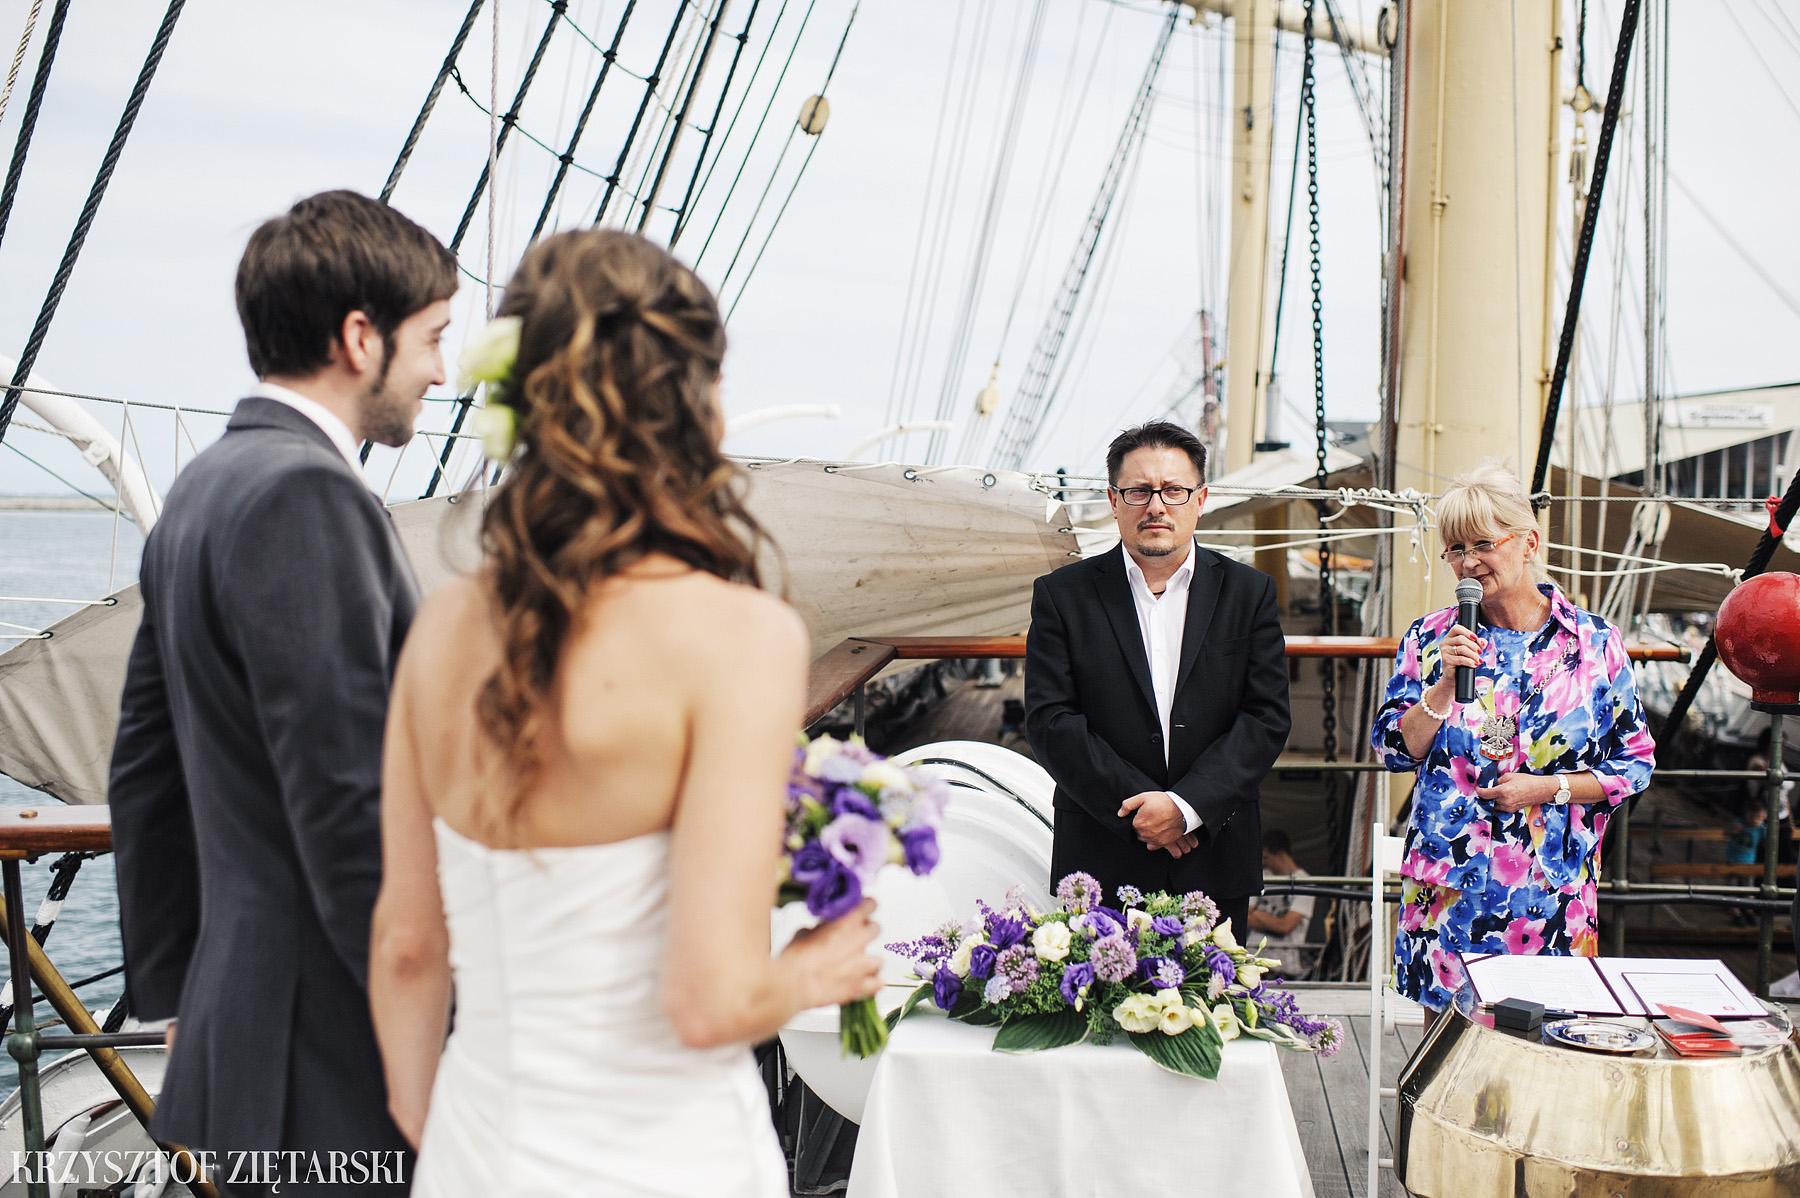 Gosia i Gabriele - Fotografia ślubna Gdynia - Dar Pomorza, Gościniec dla Przyjaciół Wyczechowo, Sea Towers - 18.